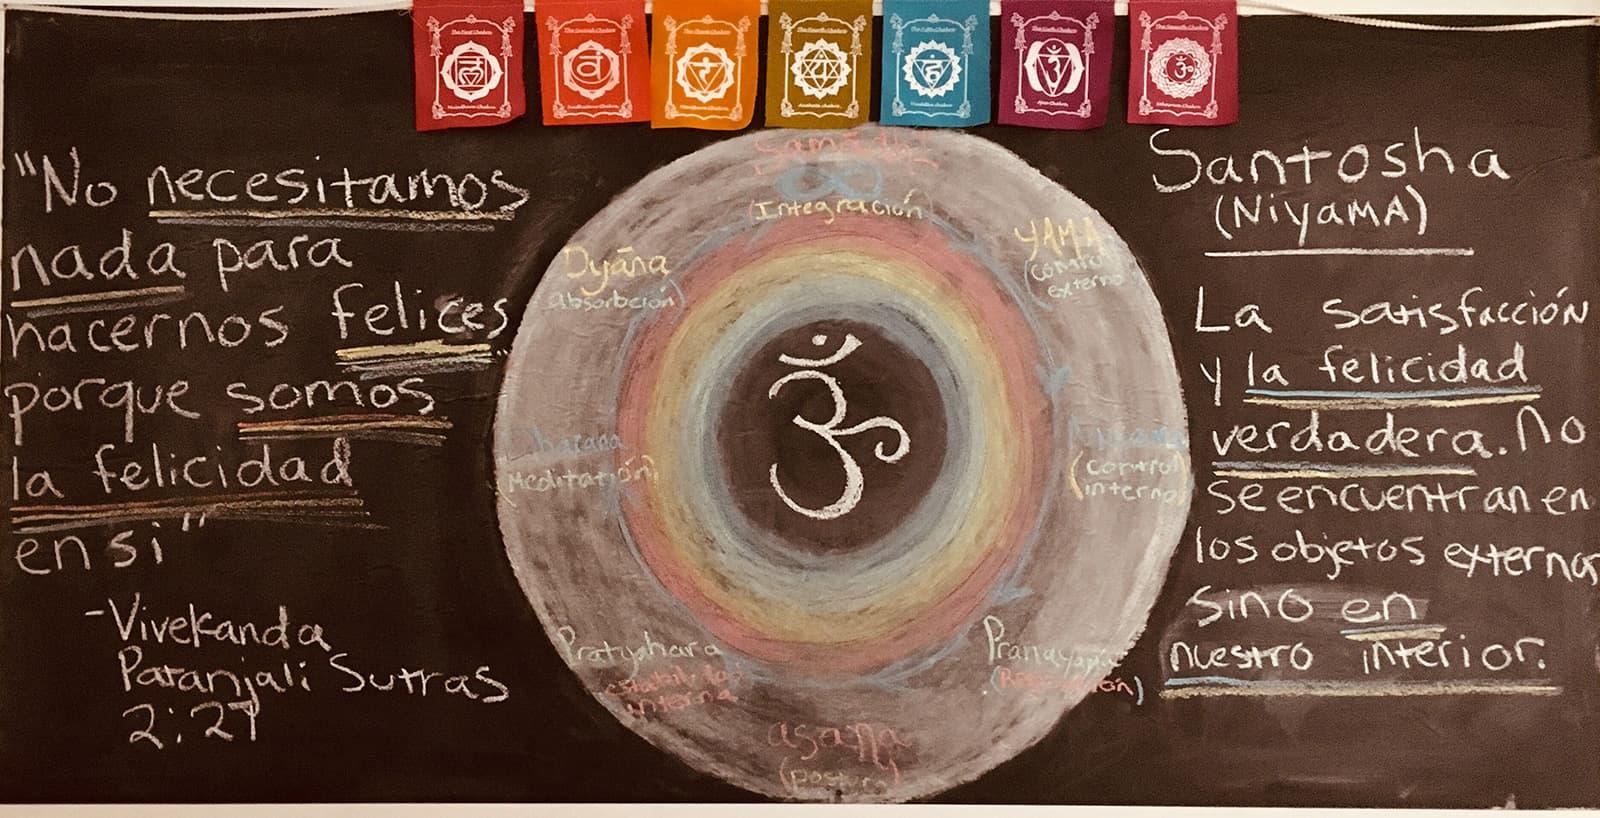 Cómo logramos Santosha: Psicología de Bienestar y Yoga - Karmuka Yoga